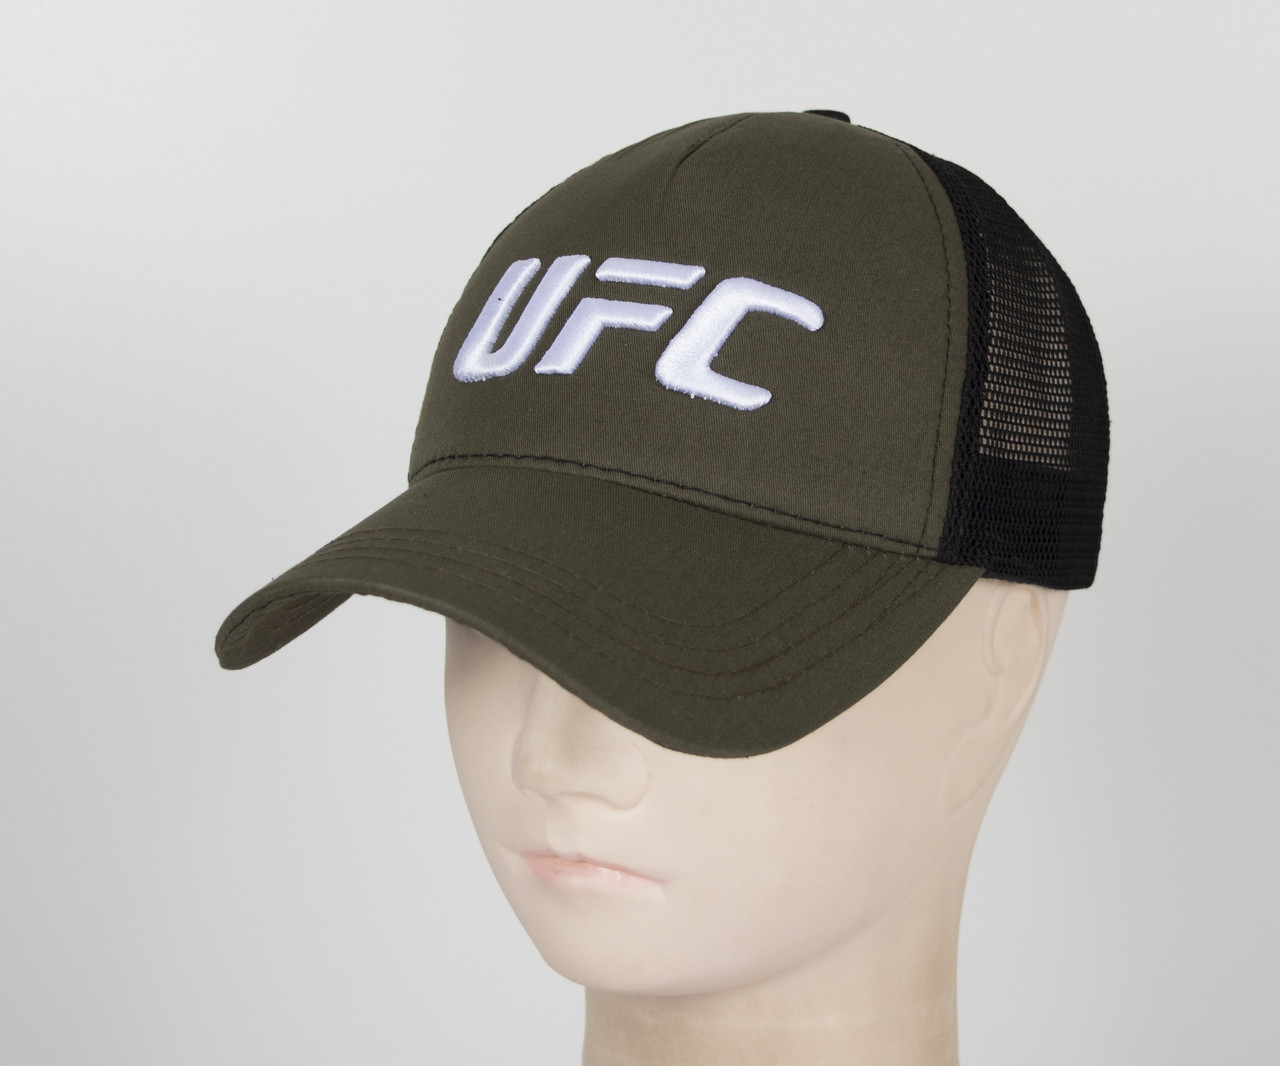 Бейсболка вышивка сетка UFC1901 Хаки